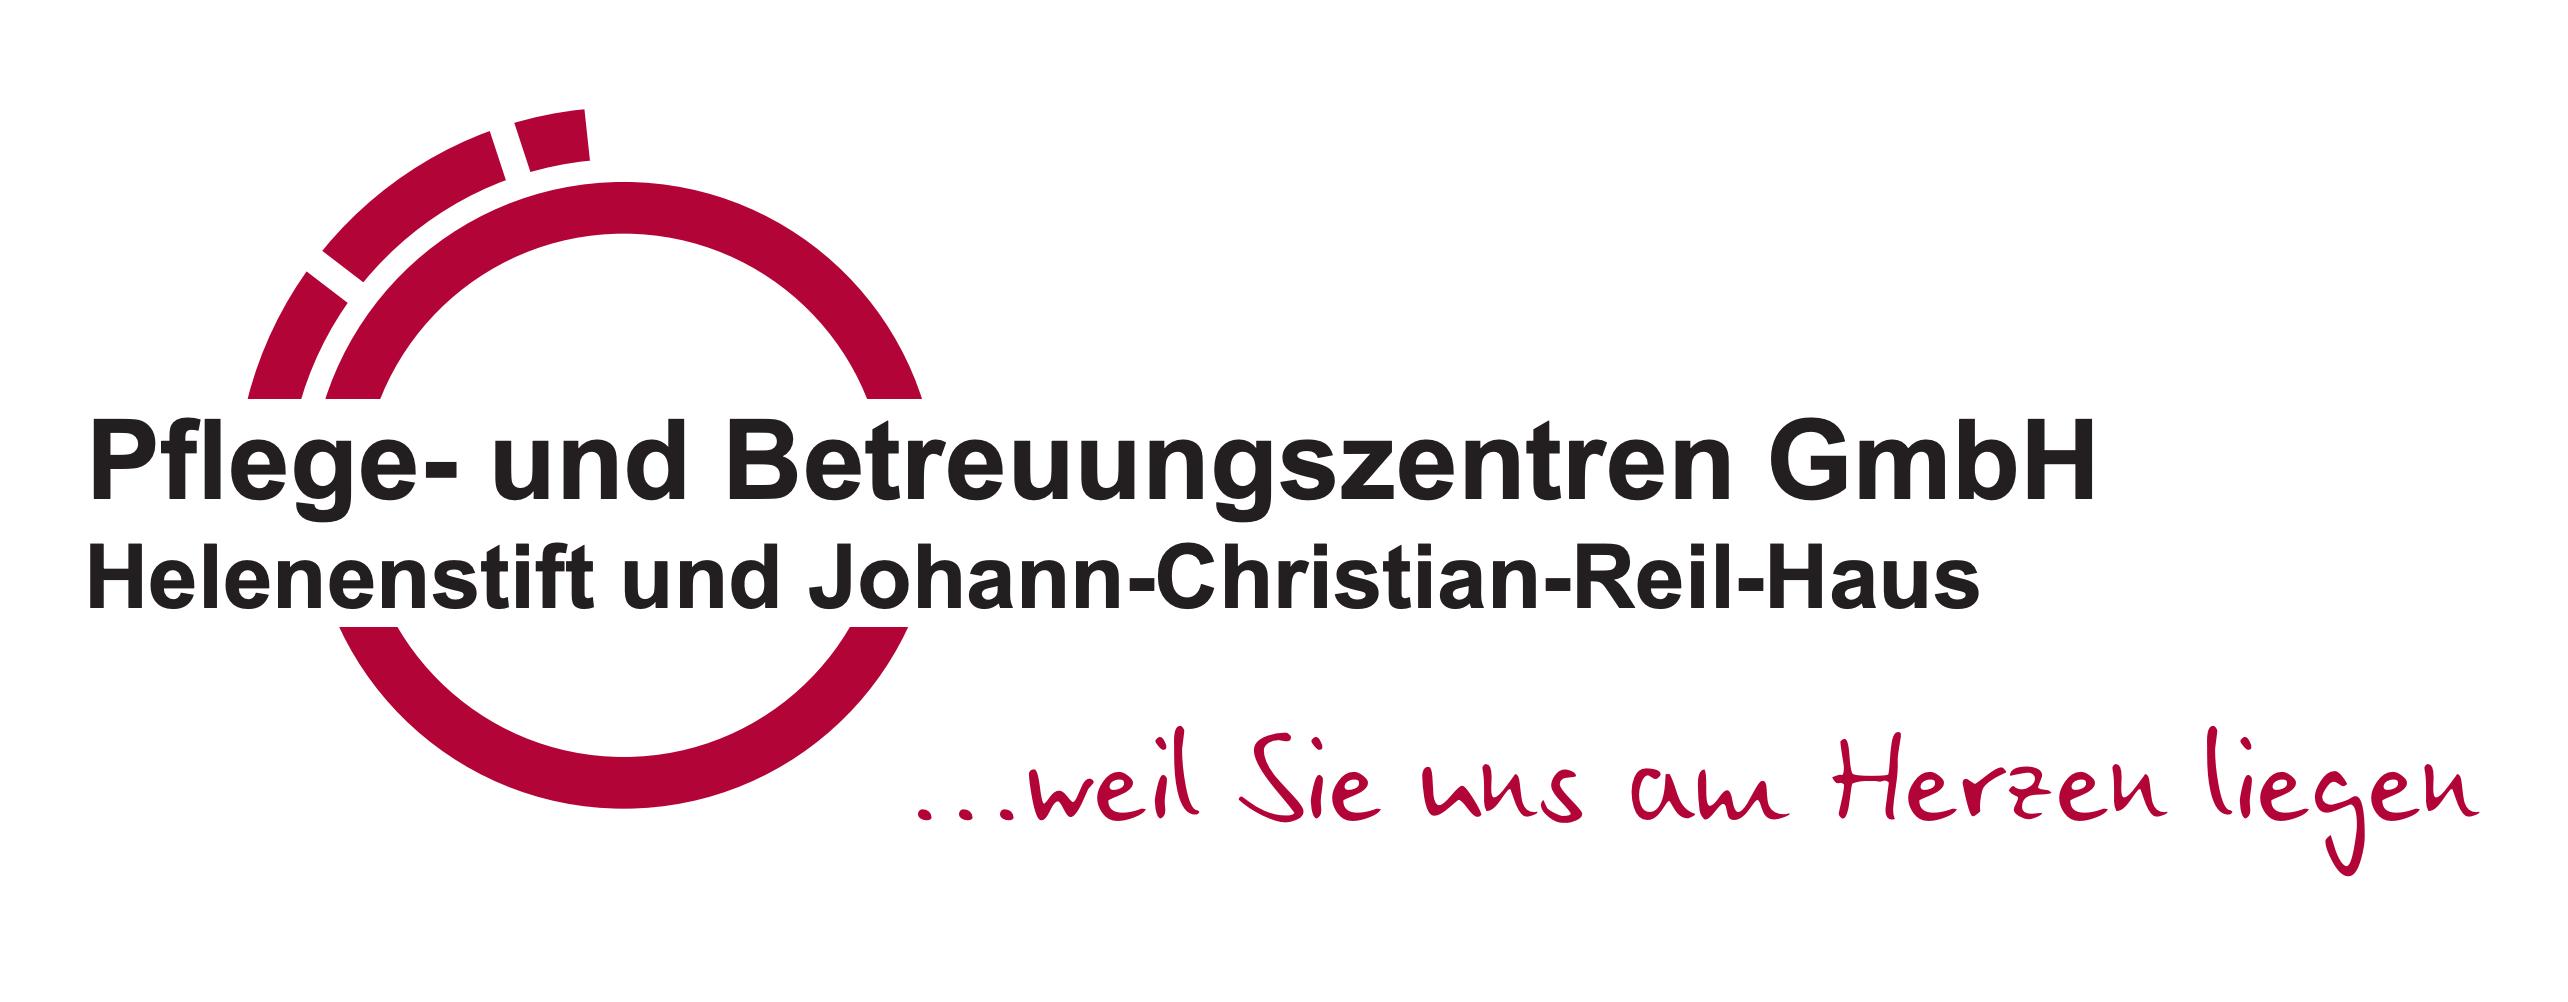 Pflege- und Betreuungszentren GmbH - Helenenstift und Johann-Christian-Reil-Haus